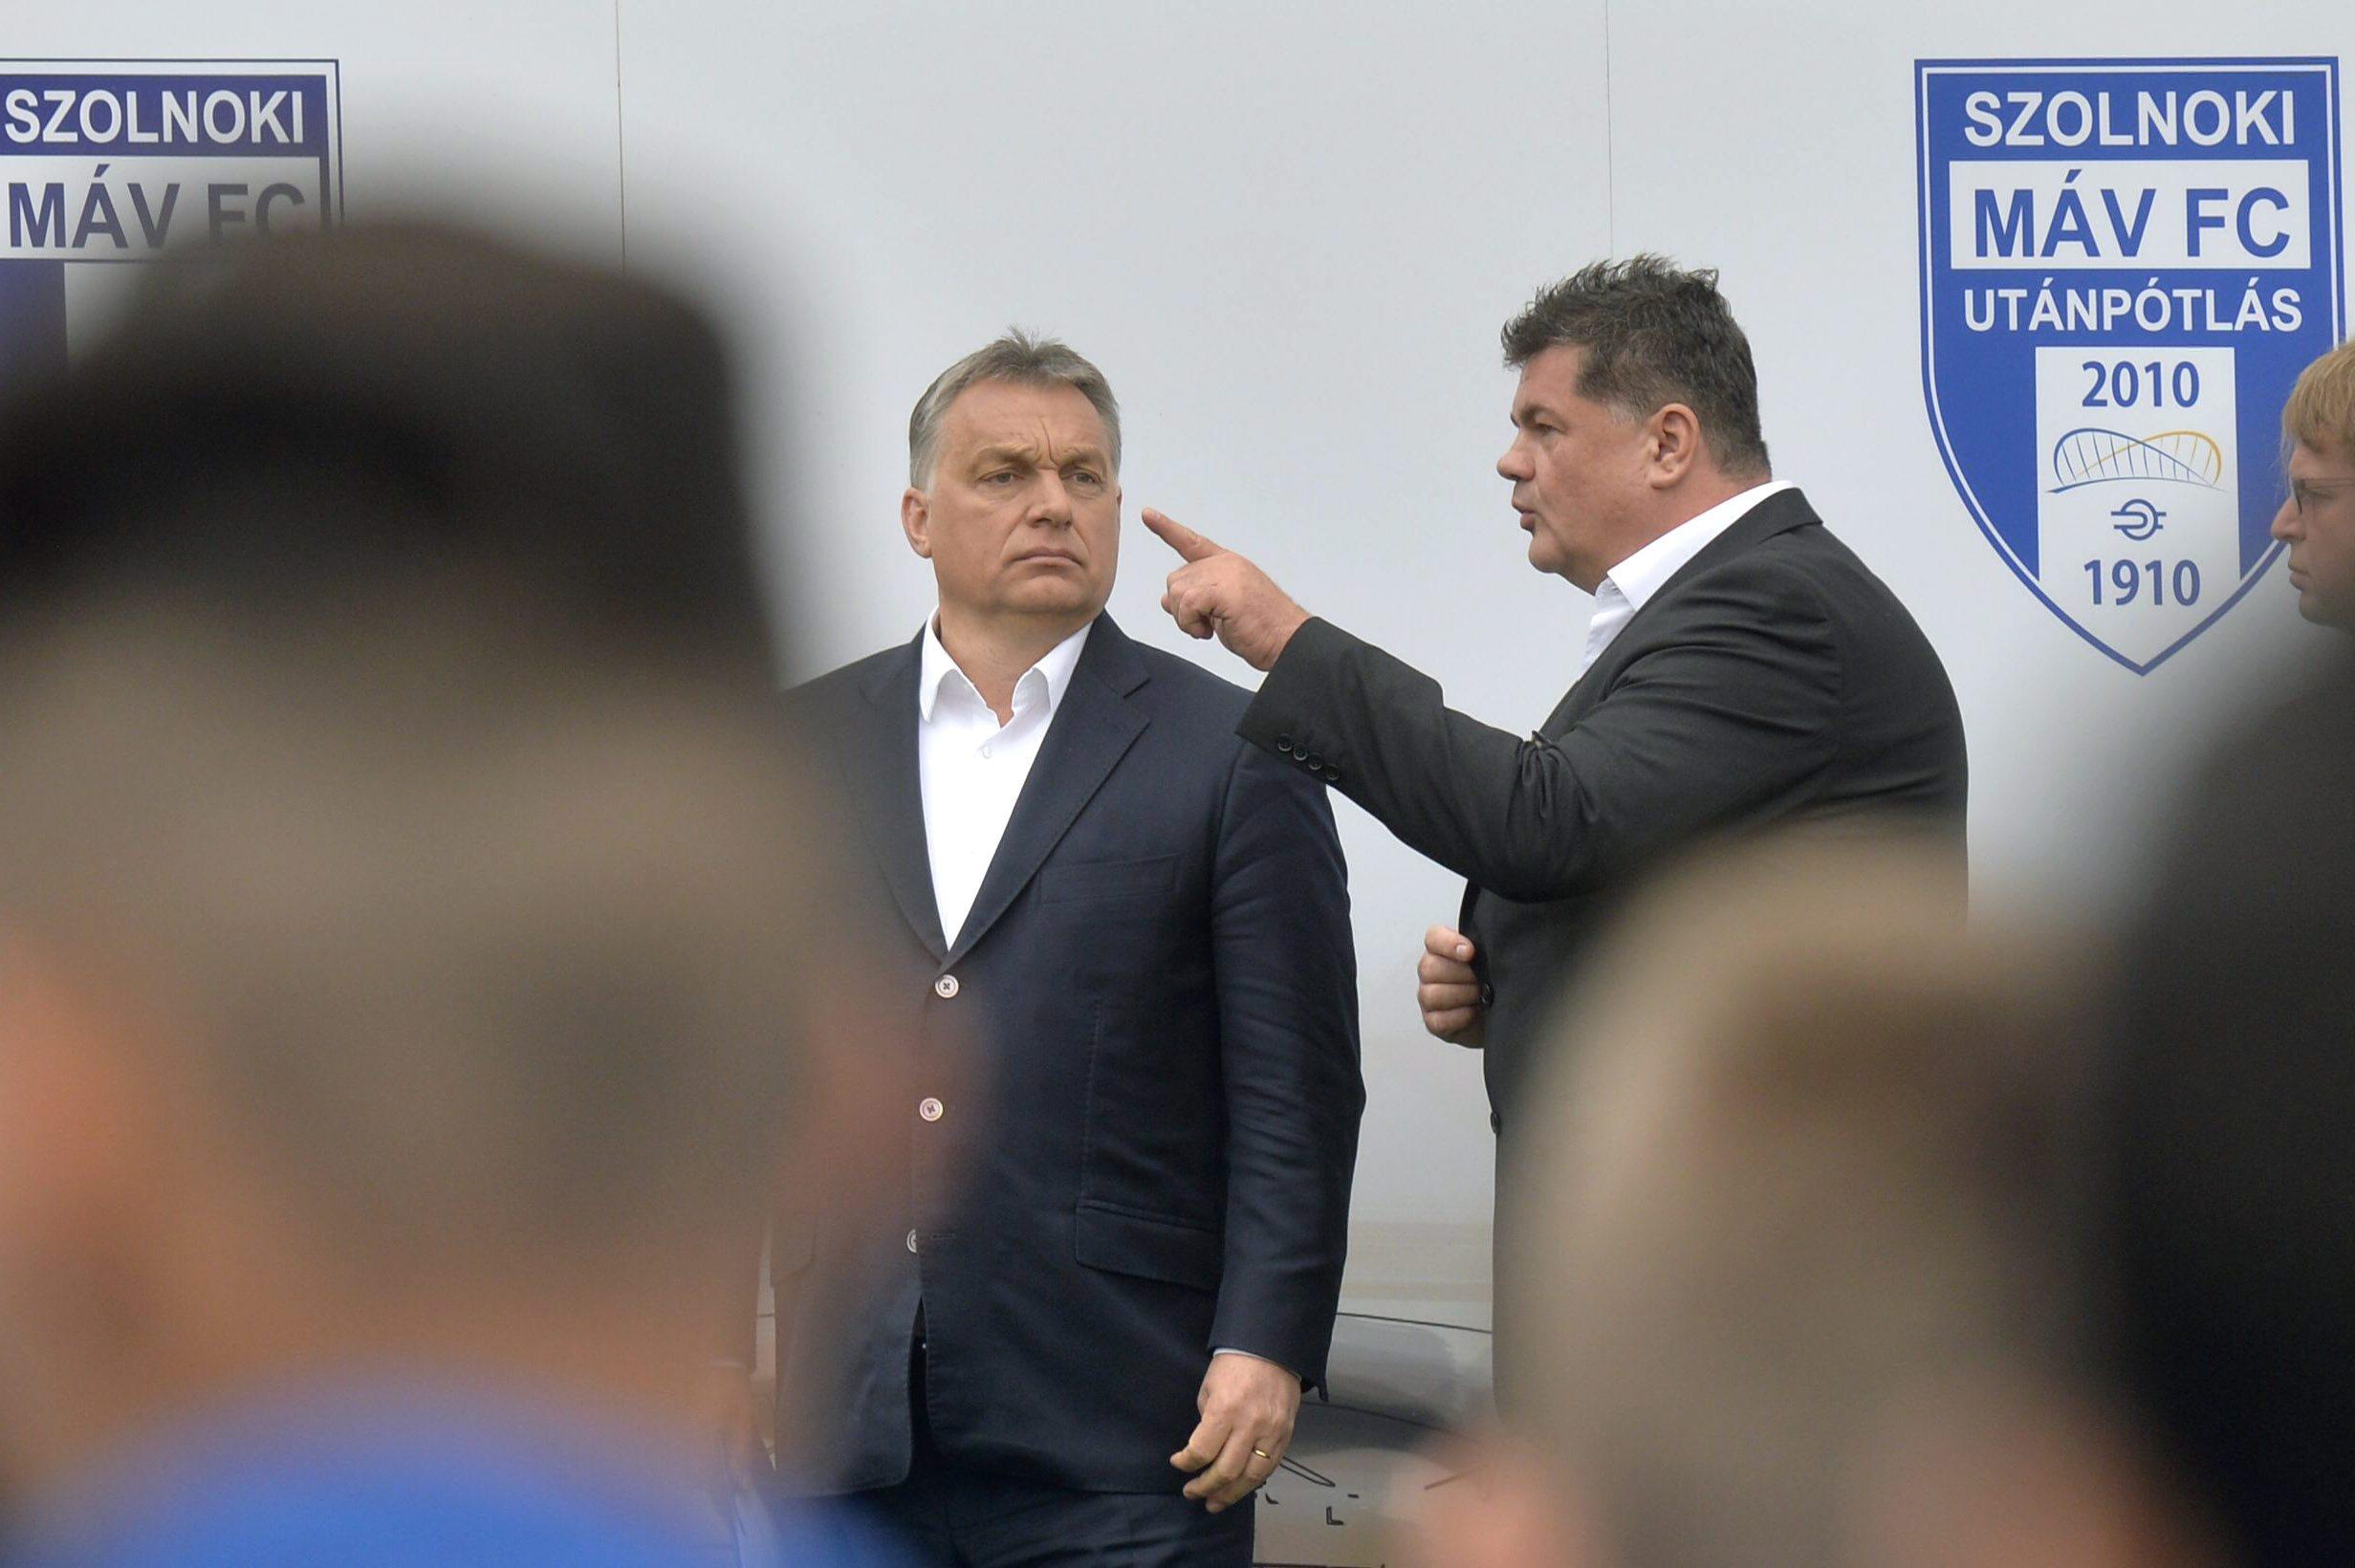 Orbánék rokonával állt össze üzletelni Nyerges Zsolt, Simicska egykori jobbkeze